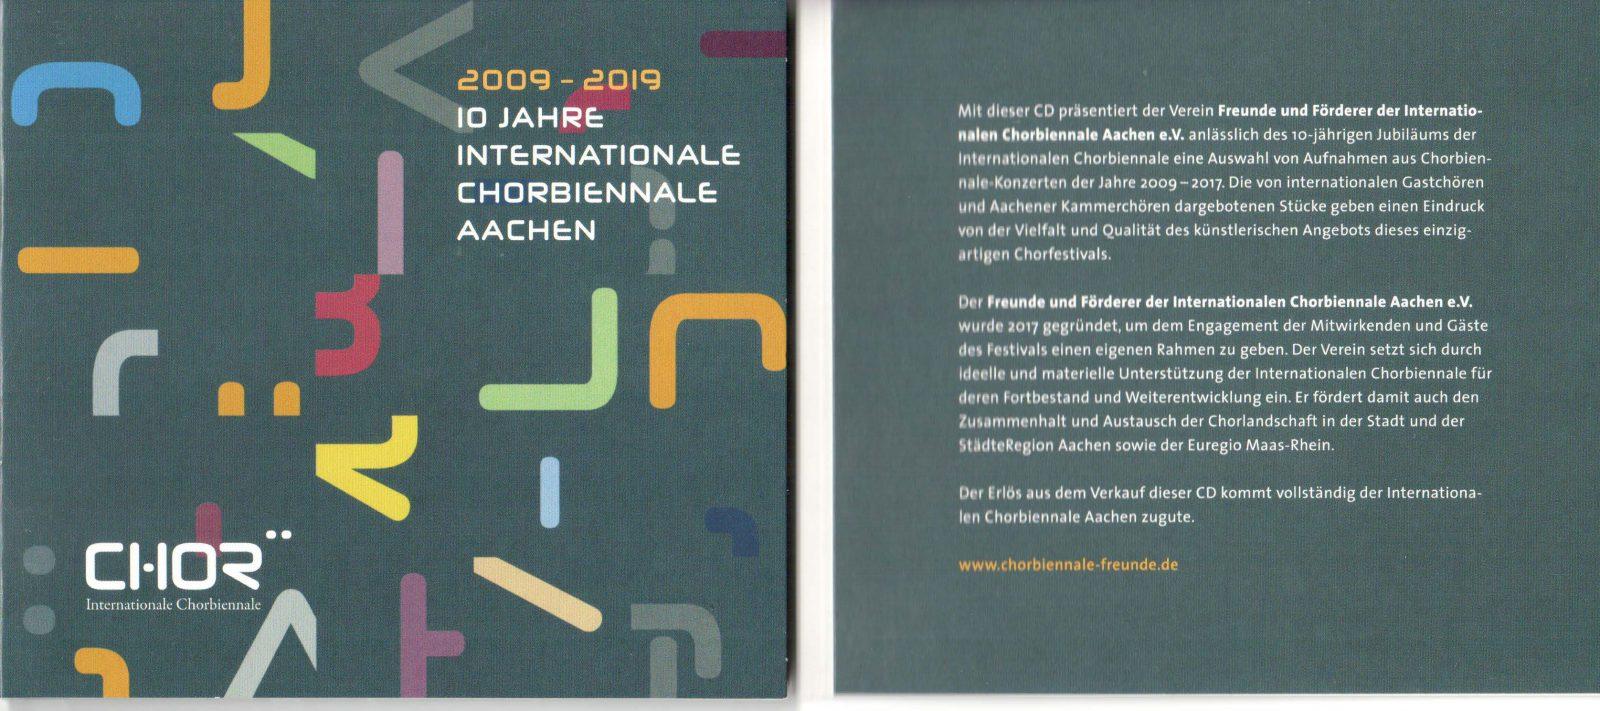 CD mit Aufnahmen aus 10 Jahren Chorbiennale Aachen